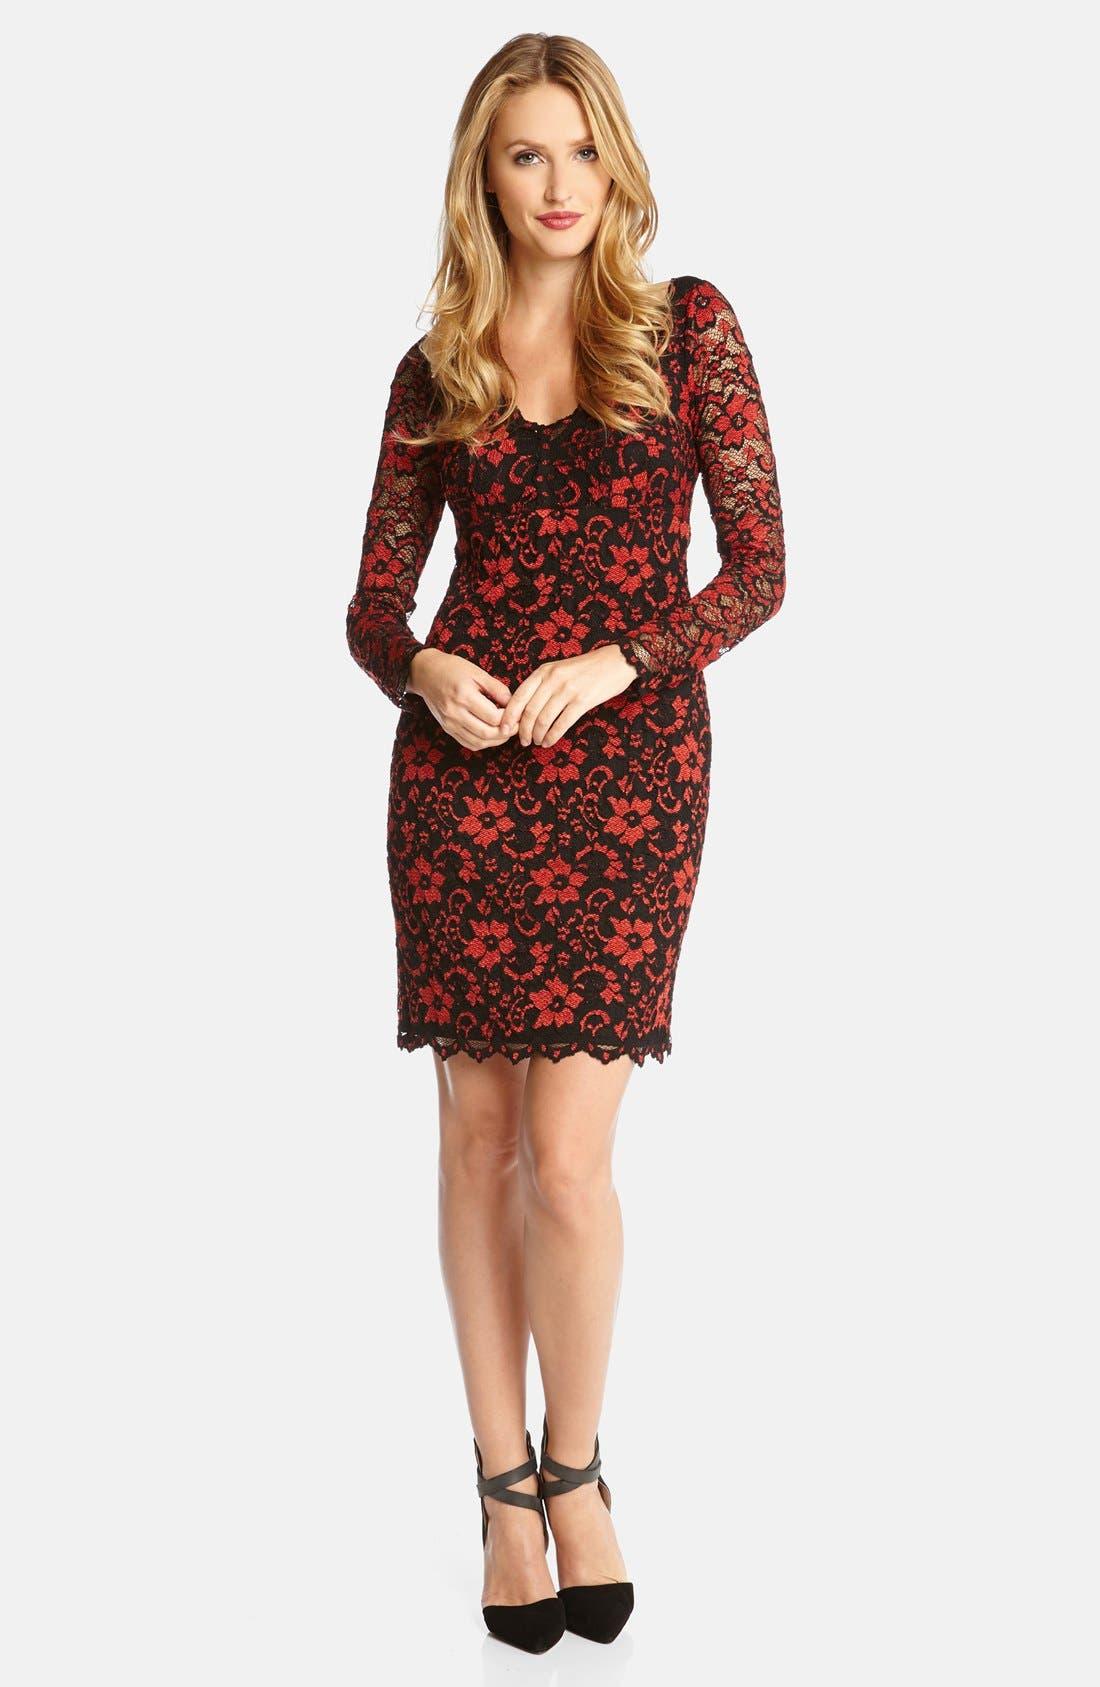 Alternate Image 1 Selected - Karen Kane Scallop Lace Dress